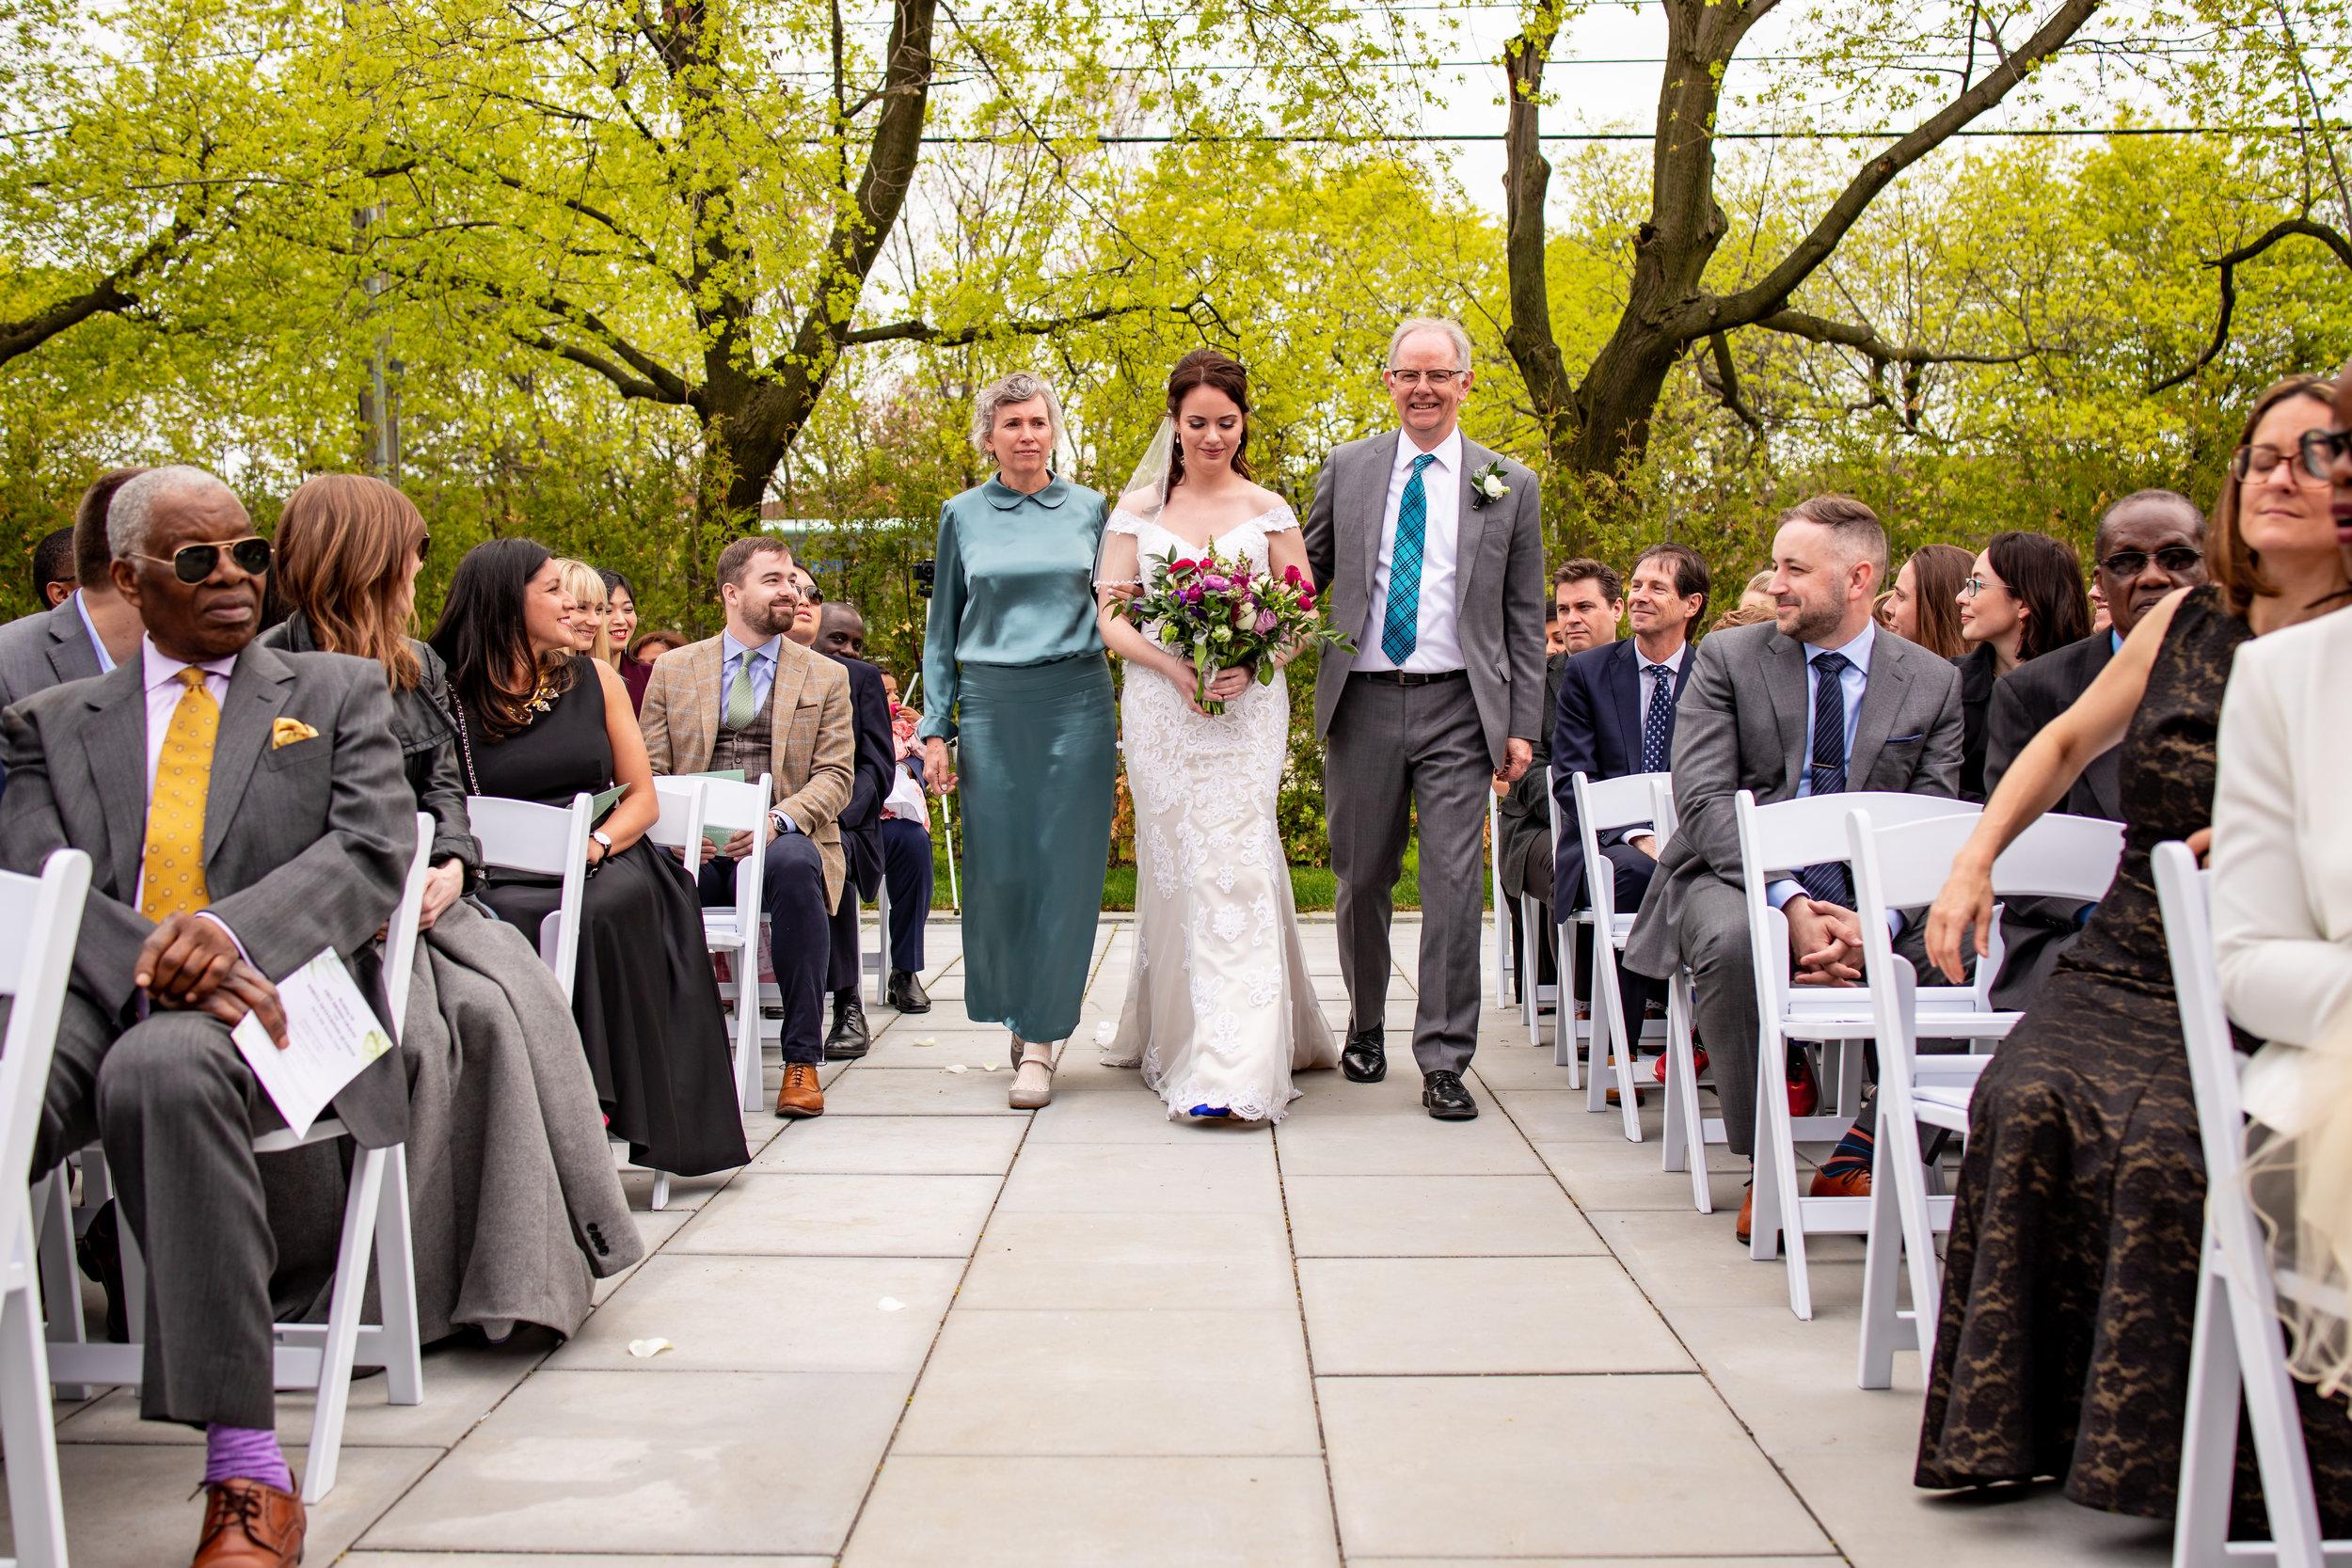 YMG-wedding-photos-37.jpg